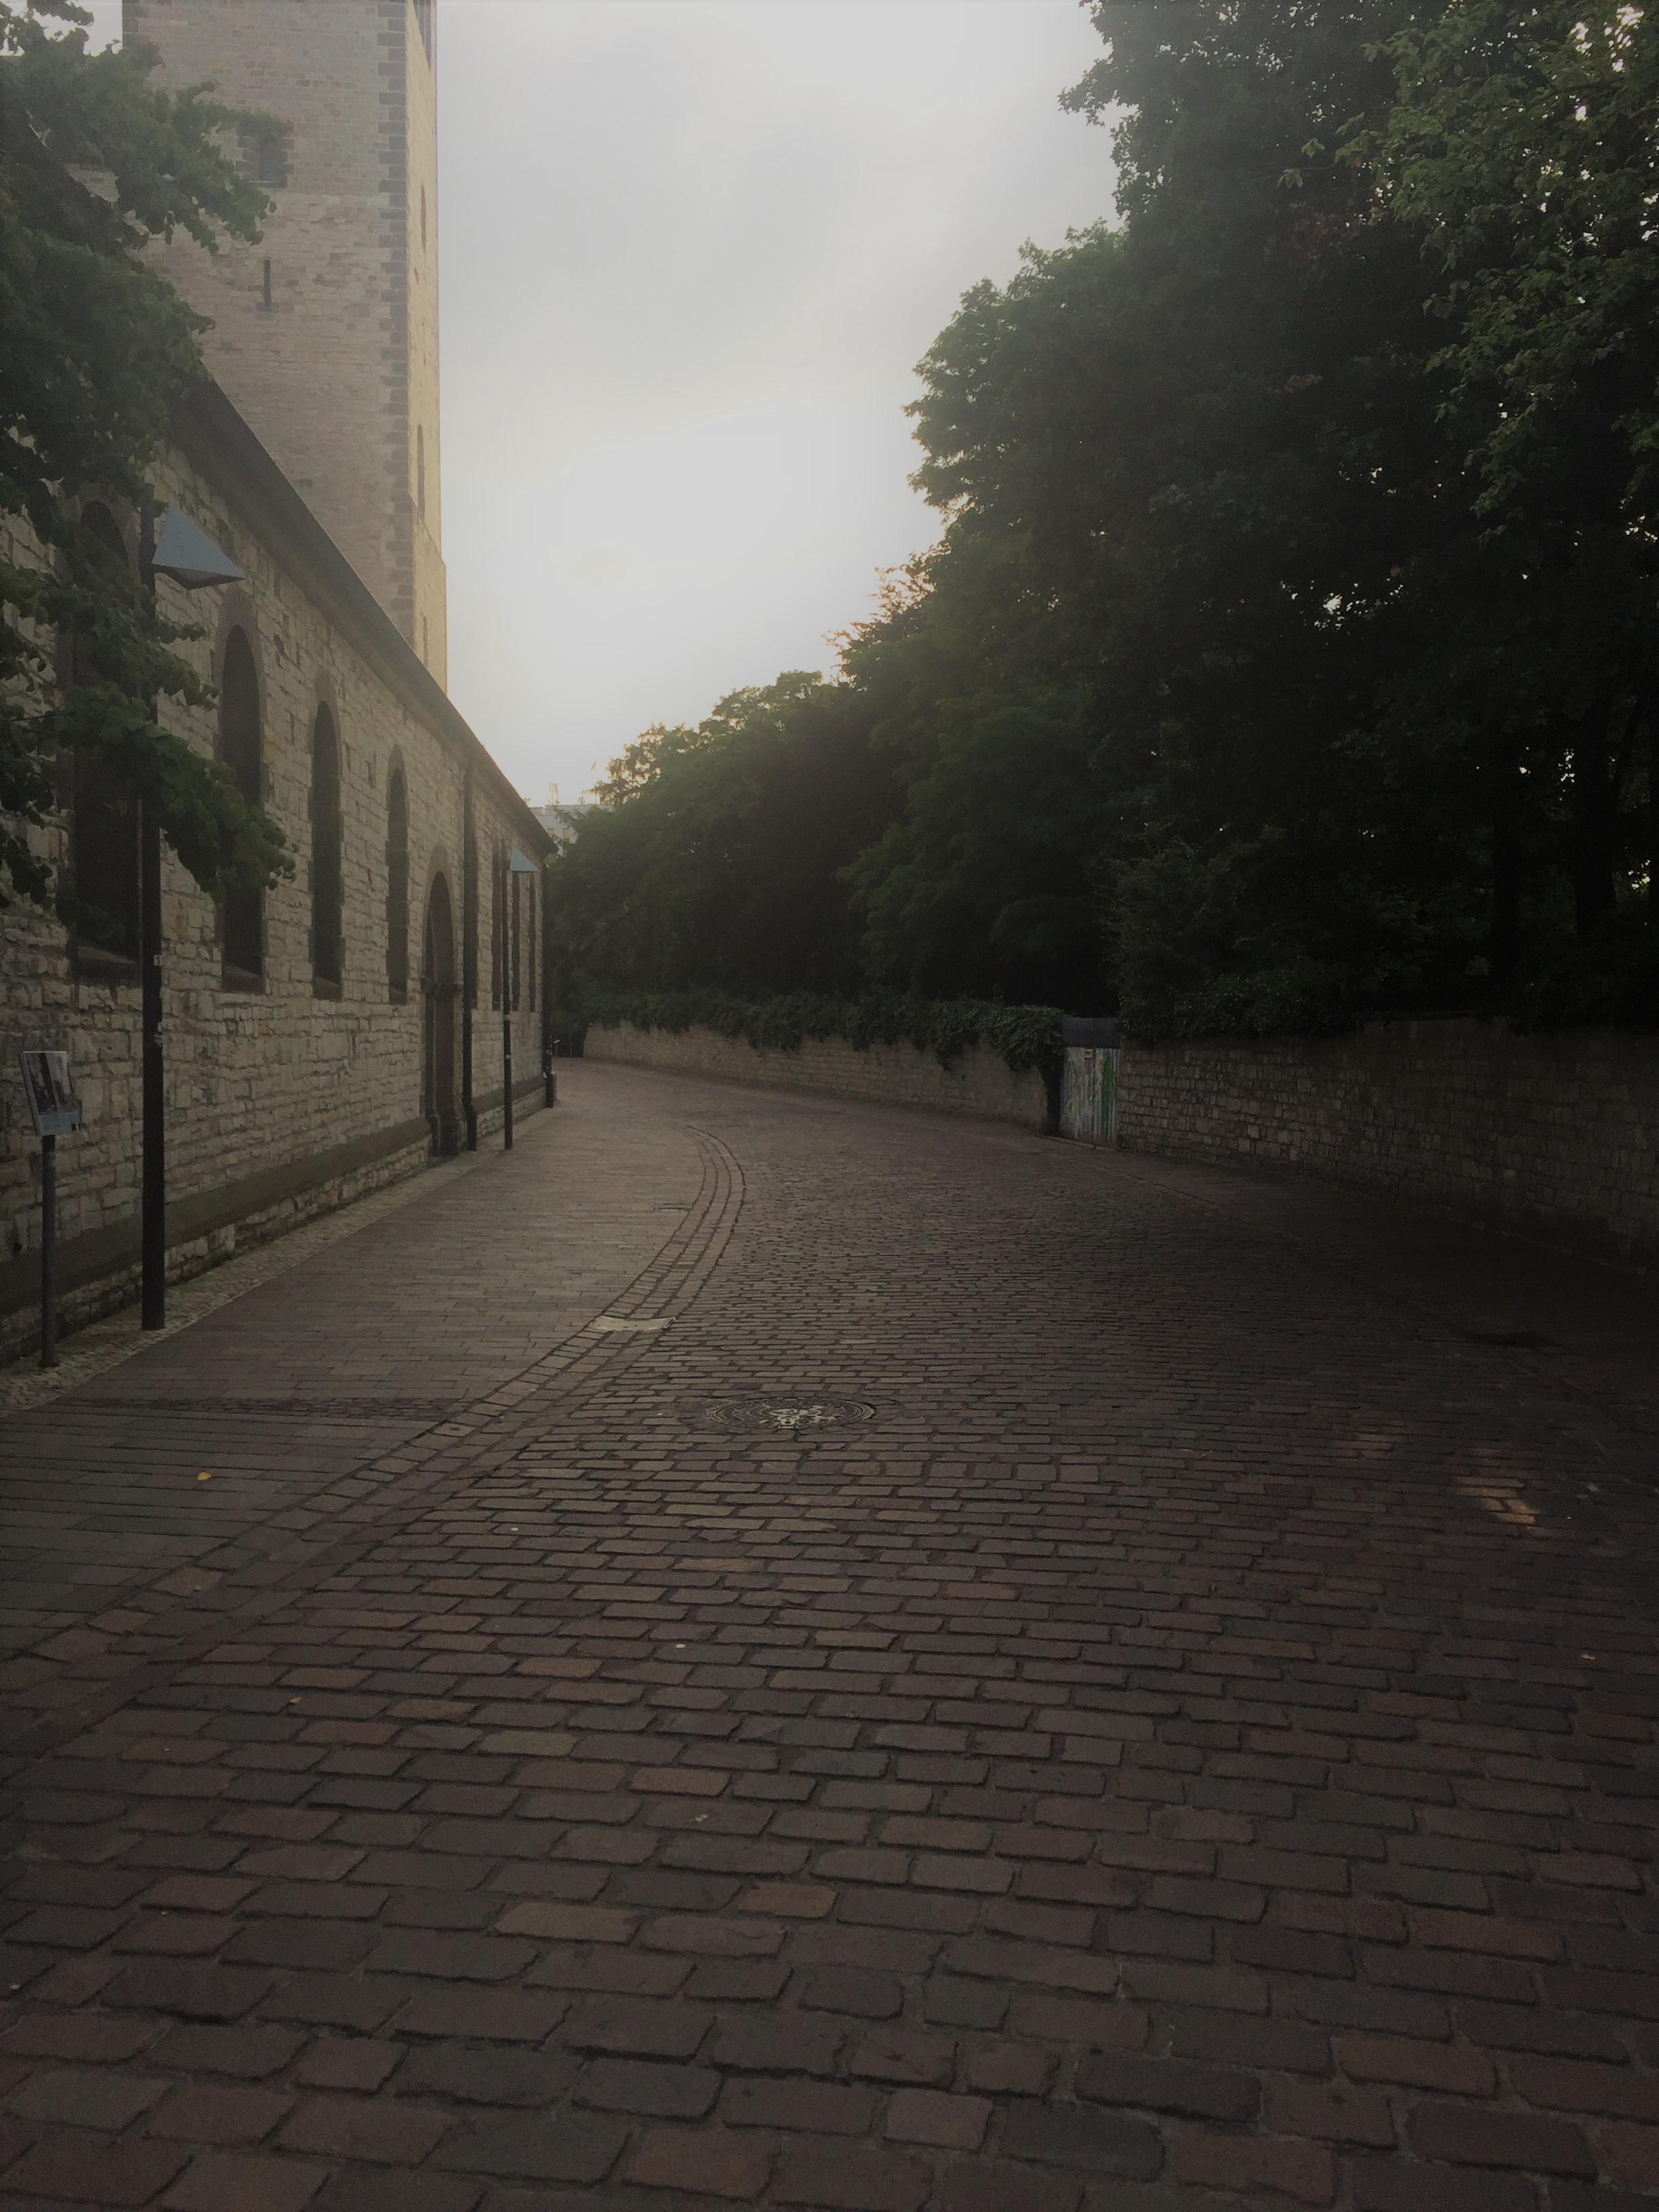 unum_walkway